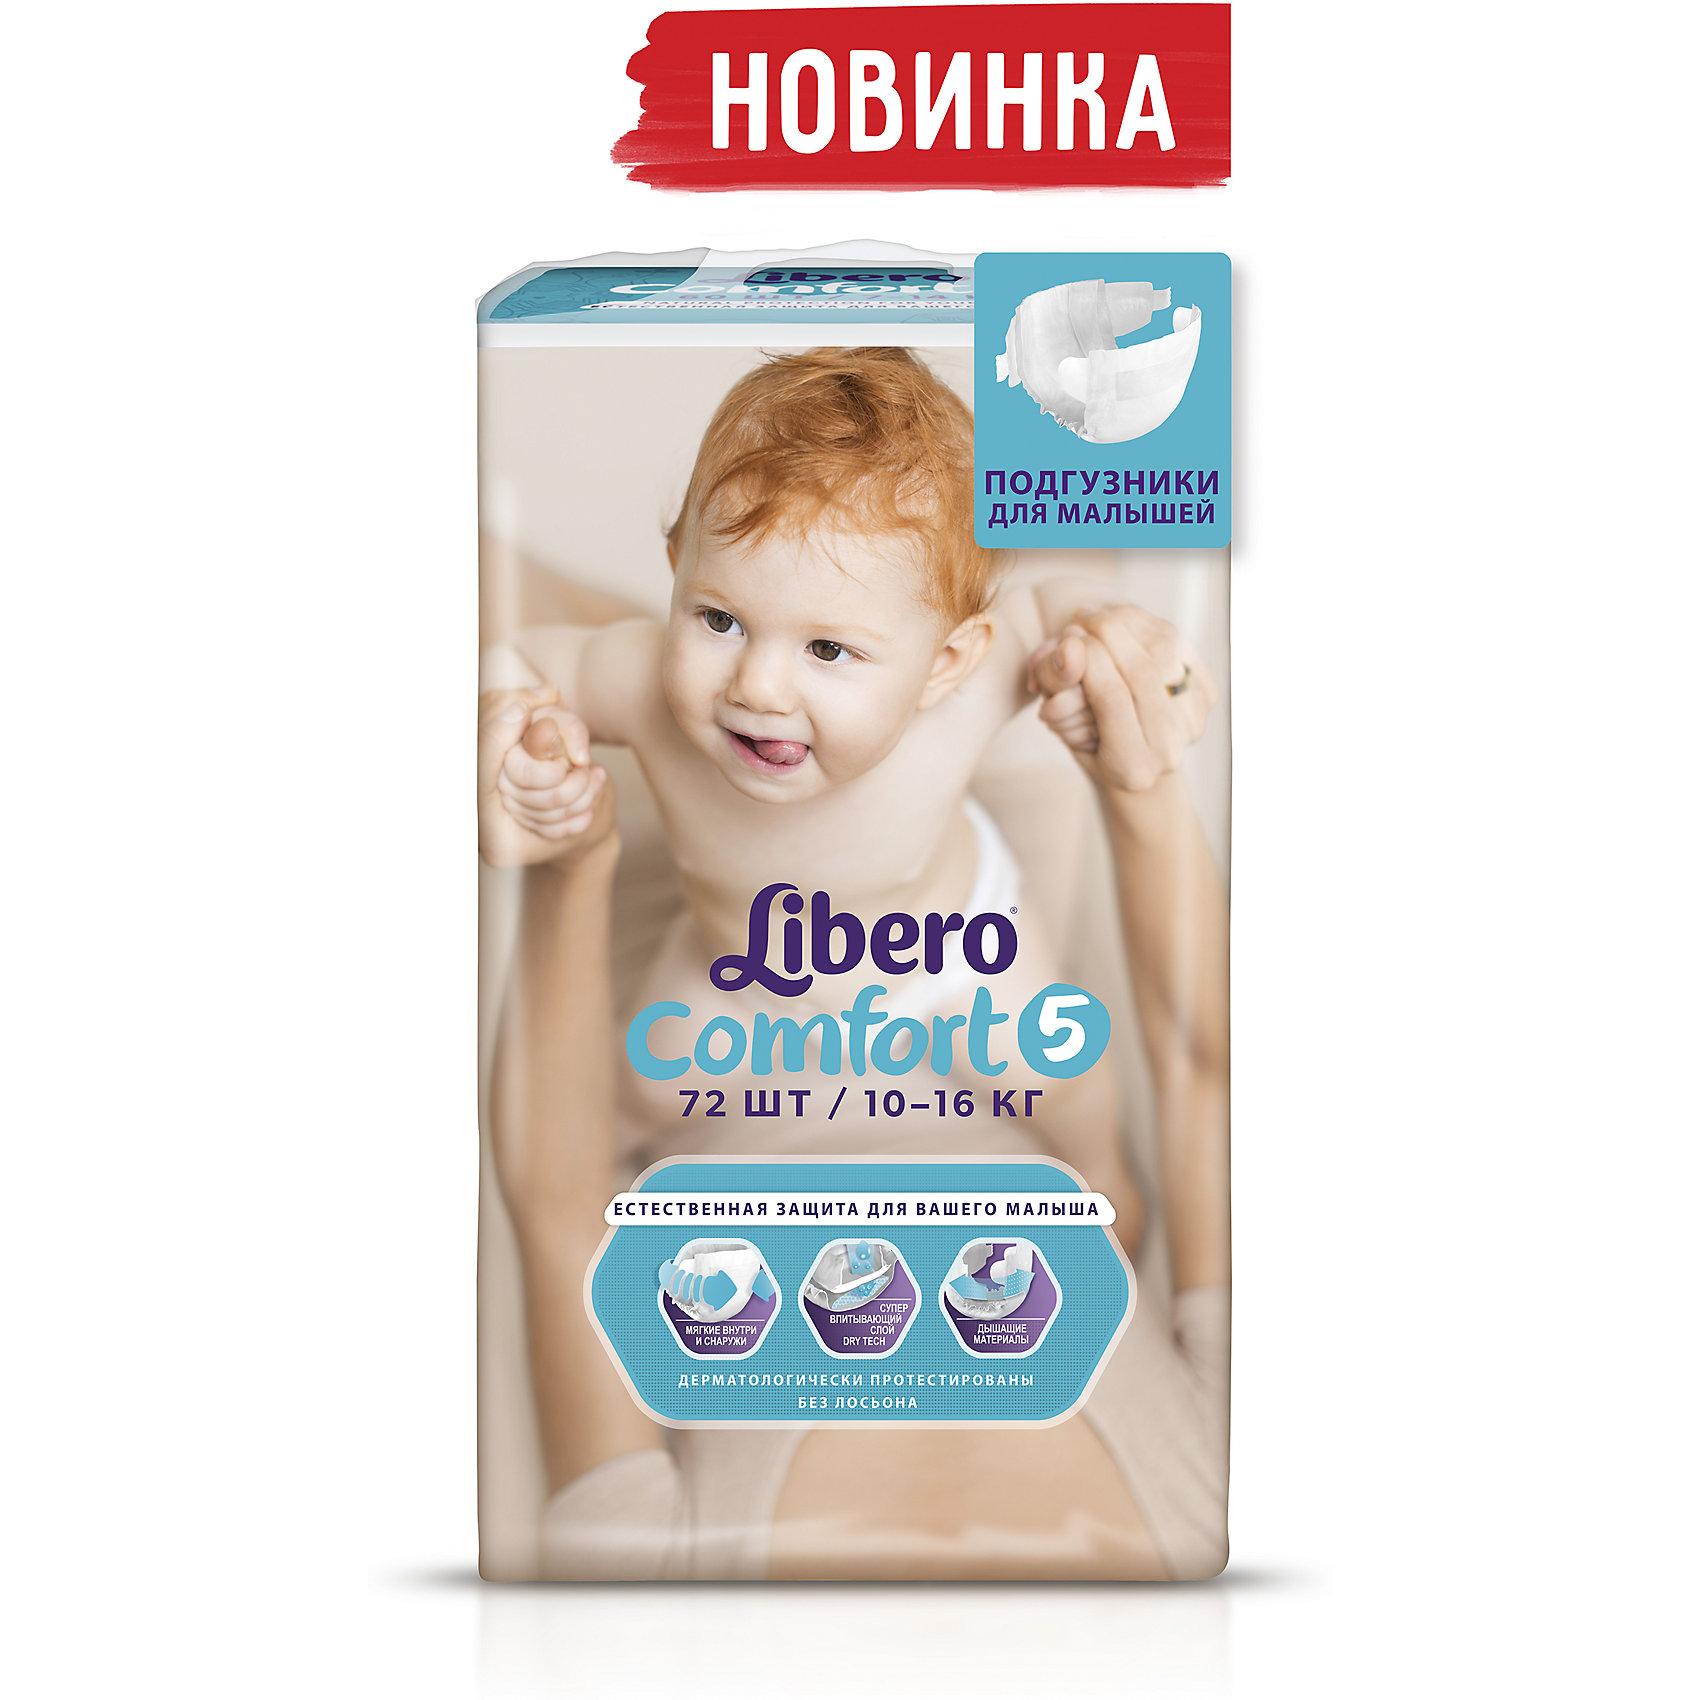 Подгузники Comfort, Mega Plus Maxi Plus 10-16 кг (5), 72 шт., LiberoПодгузники Libero Comfort (Либеро Комфорт) Zoo Collection Size 5 (10-16кг), 72 шт.<br><br>Характеристики: <br><br>• мягкие и тонкие подгузники<br>• отлично впитывают и удерживают влагу<br>• дышащие материалы<br>• барьеры вокруг ножек защищают от протекания<br>• не сковывают движений<br>• анатомические резиночки<br>• 2 ярких дизайна в каждой упаковке<br>• размер: 5 (10-16 кг)<br>• количество в упаковке: 72 шт.<br><br>Подгузники Libero Comfort из коллекции Зоопарк идеально подойдут для самых активных малышей. Подгузники имеют приятный дизайн, который понравится и ребенку, и родителям: 2 разные расцветки в каждой упаковке. Предложите малышу изучить животных, придумать интересную историю, и кроха с радостью согласиться переодеться.  Несмотря на небольшую толщину, подгузники отлично впитывают и удерживают влагу, не сковывая движений крохи. Барьеры вокруг ножек и эластичный пояс предотвратят возможные протекания. Многоразовая застежка позволит вам застегнуть подгузник повторно с случае необходимости.  С этими трусиками-подгузниками процесс переодевания превратится в настоящую игру!<br><br>Подгузники Libero Comfort Zoo Collection Size 5 (10-16кг), 72 шт вы можете приобрести в нашем интернет-магазине.<br><br>Ширина мм: 127<br>Глубина мм: 285<br>Высота мм: 440<br>Вес г: 2590<br>Возраст от месяцев: 6<br>Возраст до месяцев: 36<br>Пол: Унисекс<br>Возраст: Детский<br>SKU: 3517623